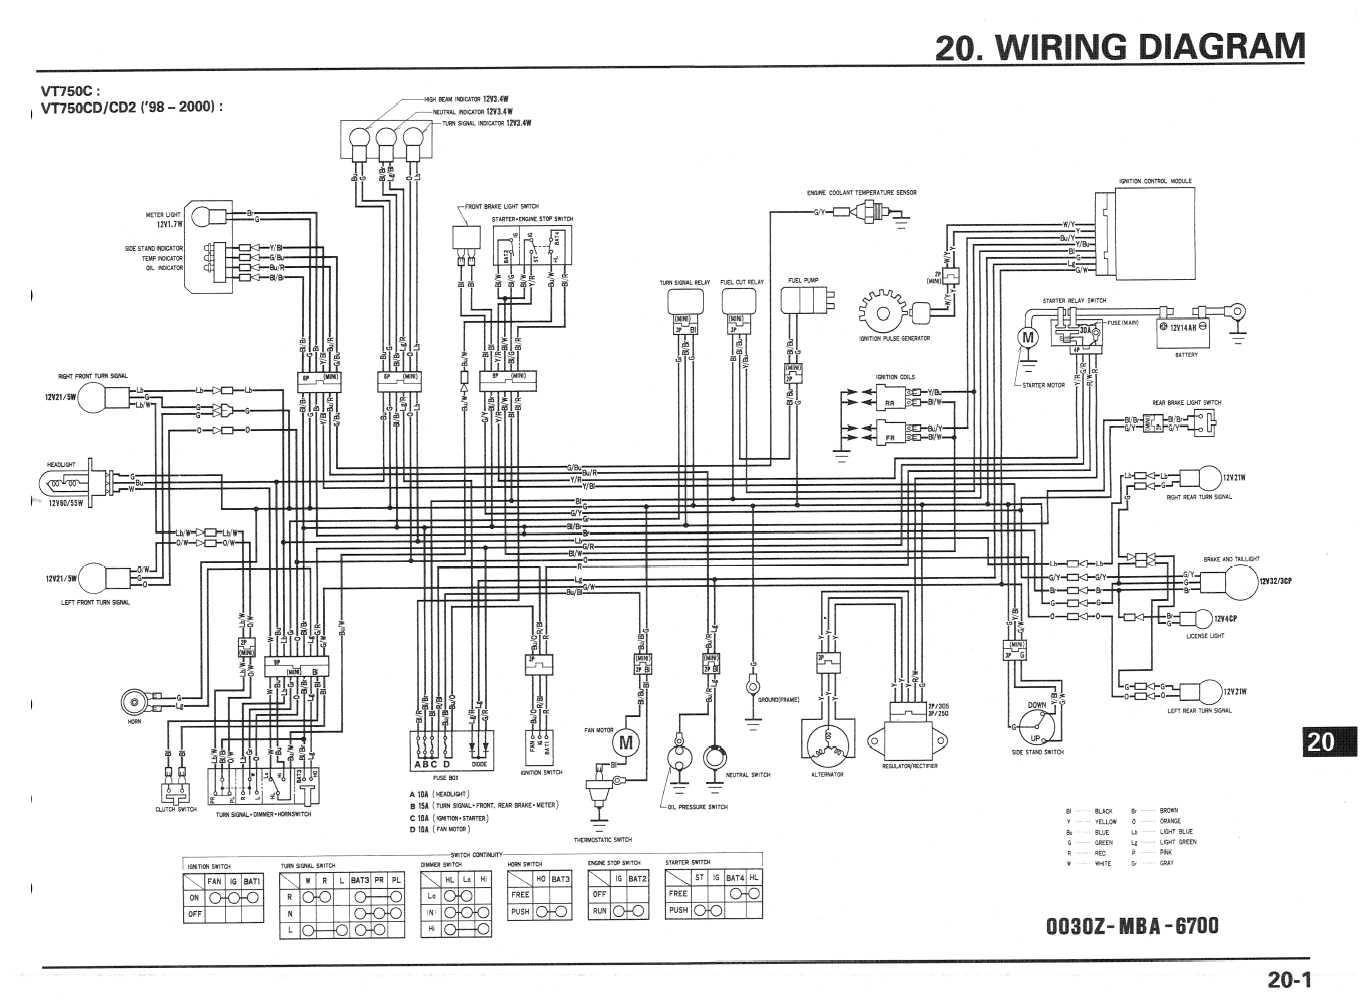 05 Honda Wiring Diagram